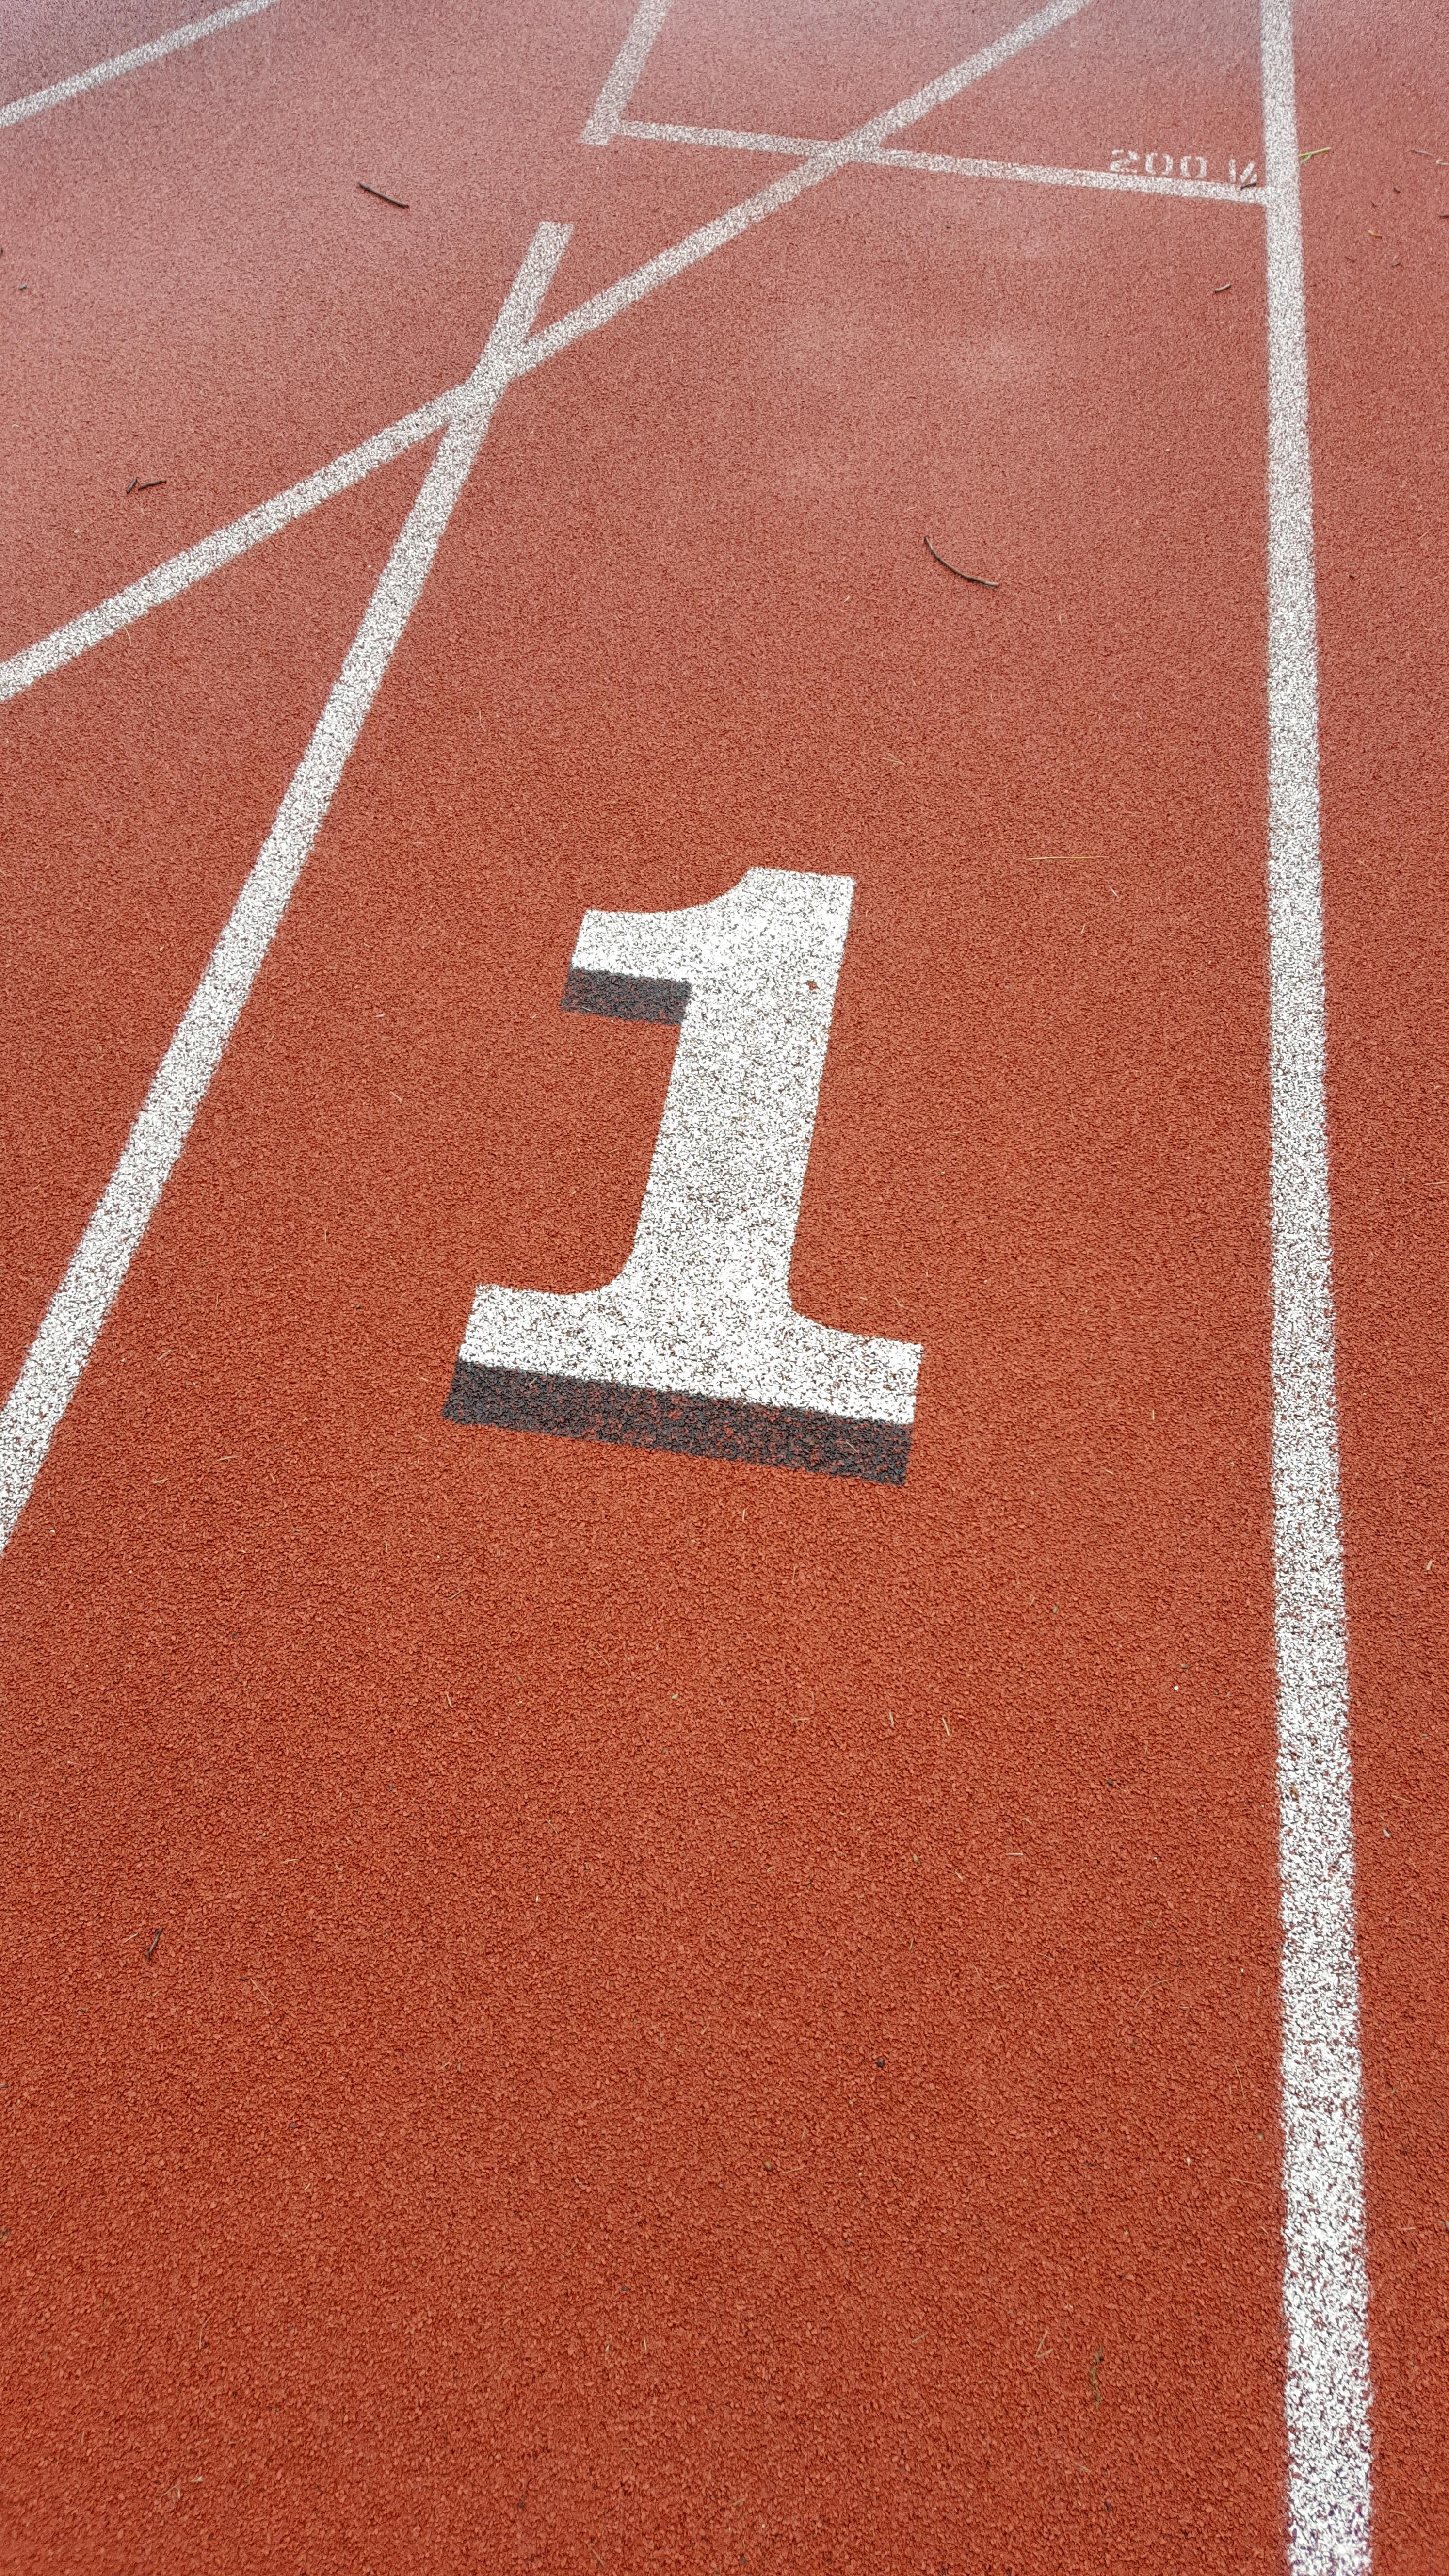 hình ảnh : kết cấu, Theo dõi, sàn nhà, đang chạy, con số, Nhựa đường, hàng, Đỏ, Lane, sân vận động, sân bóng chày, Đường đua, Chạy nước rút, Ván sàn, mặt ...